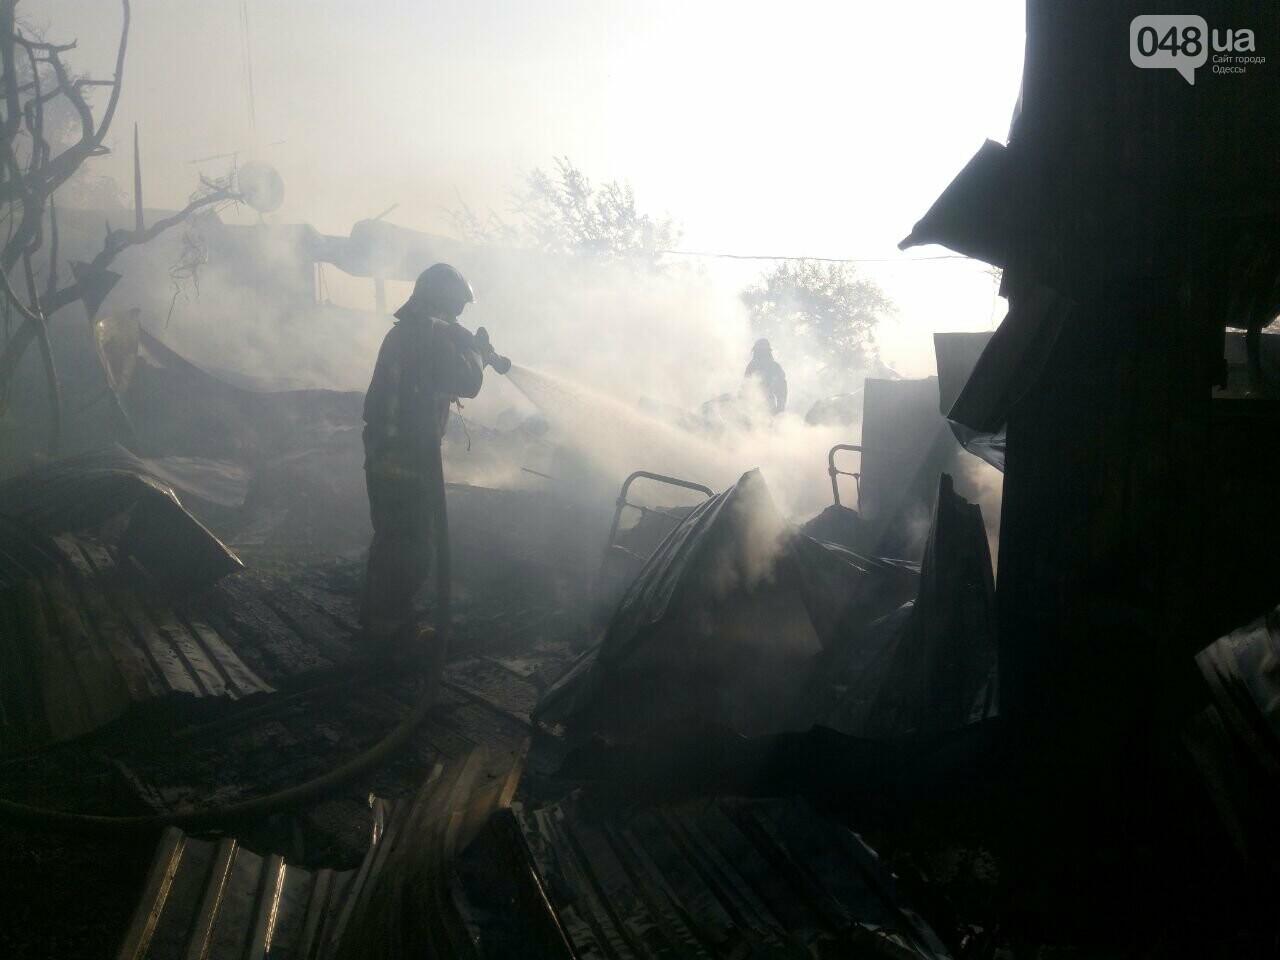 В Одессе случился масштабный пожар: горели рыбацкие домики, - ФОТО4